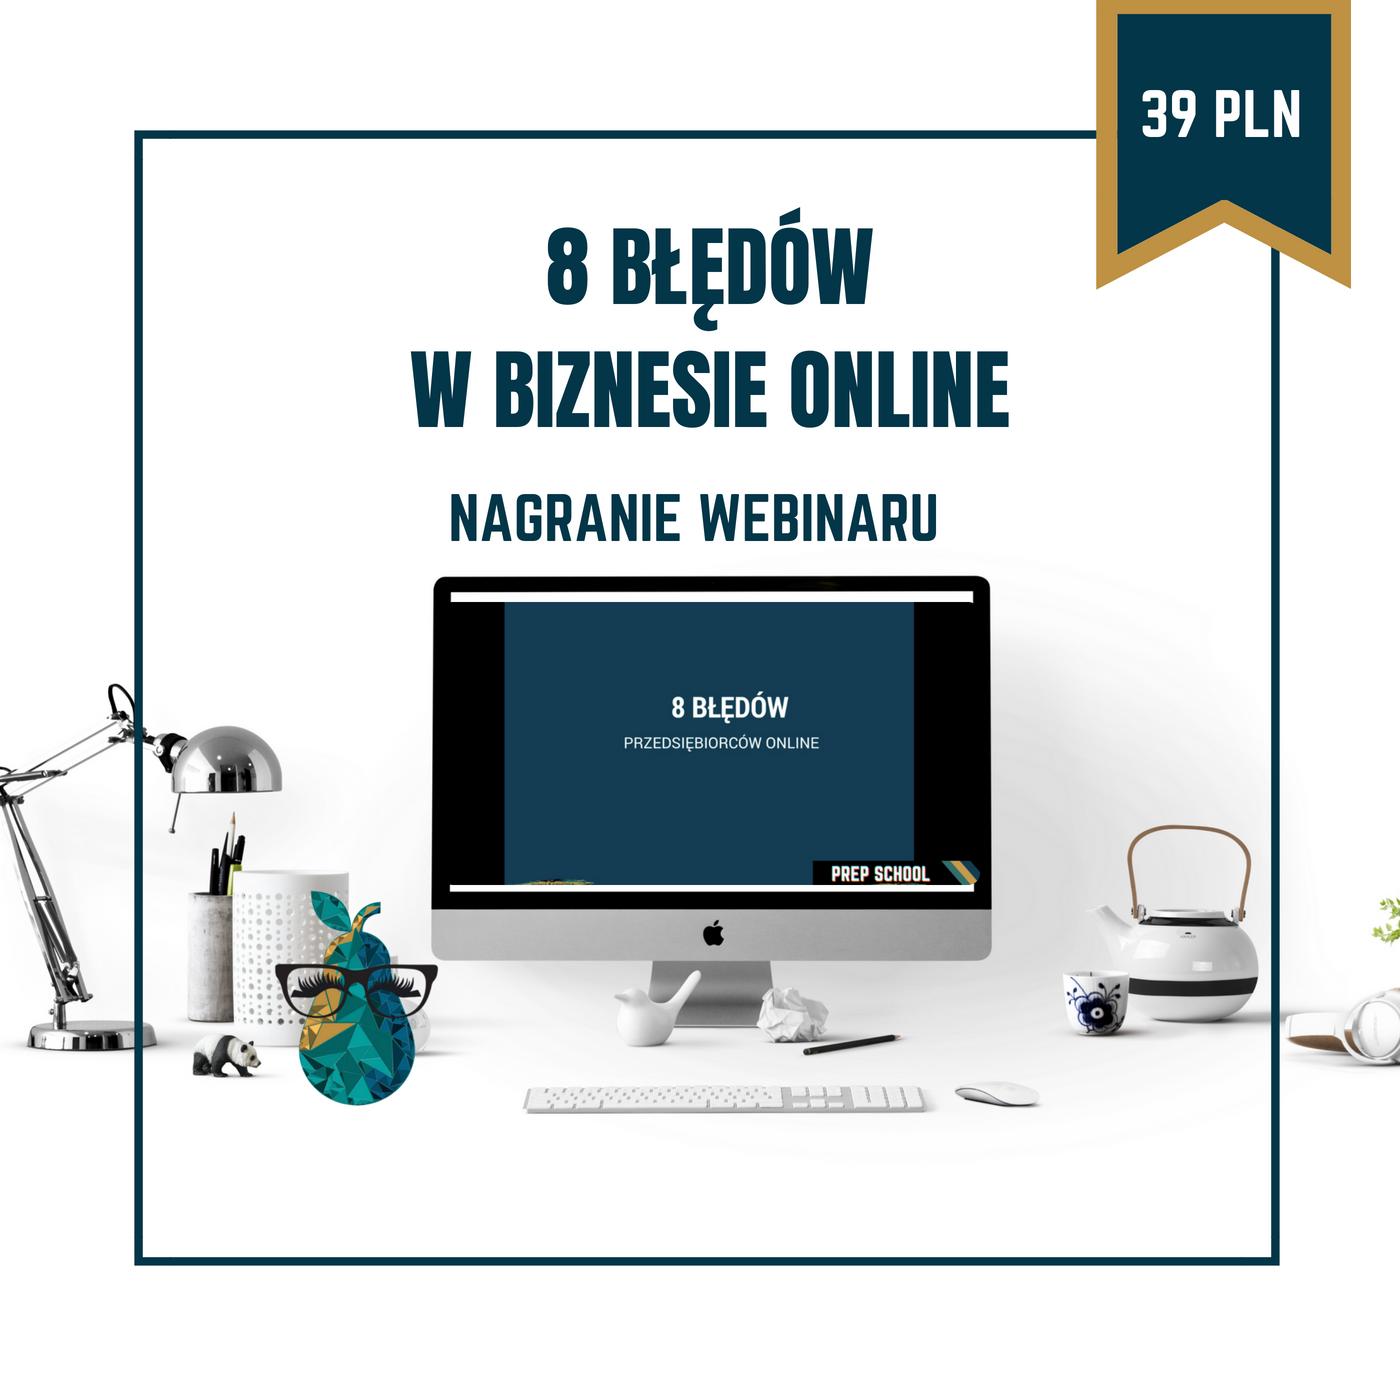 bledy-w-biznesie-online.png